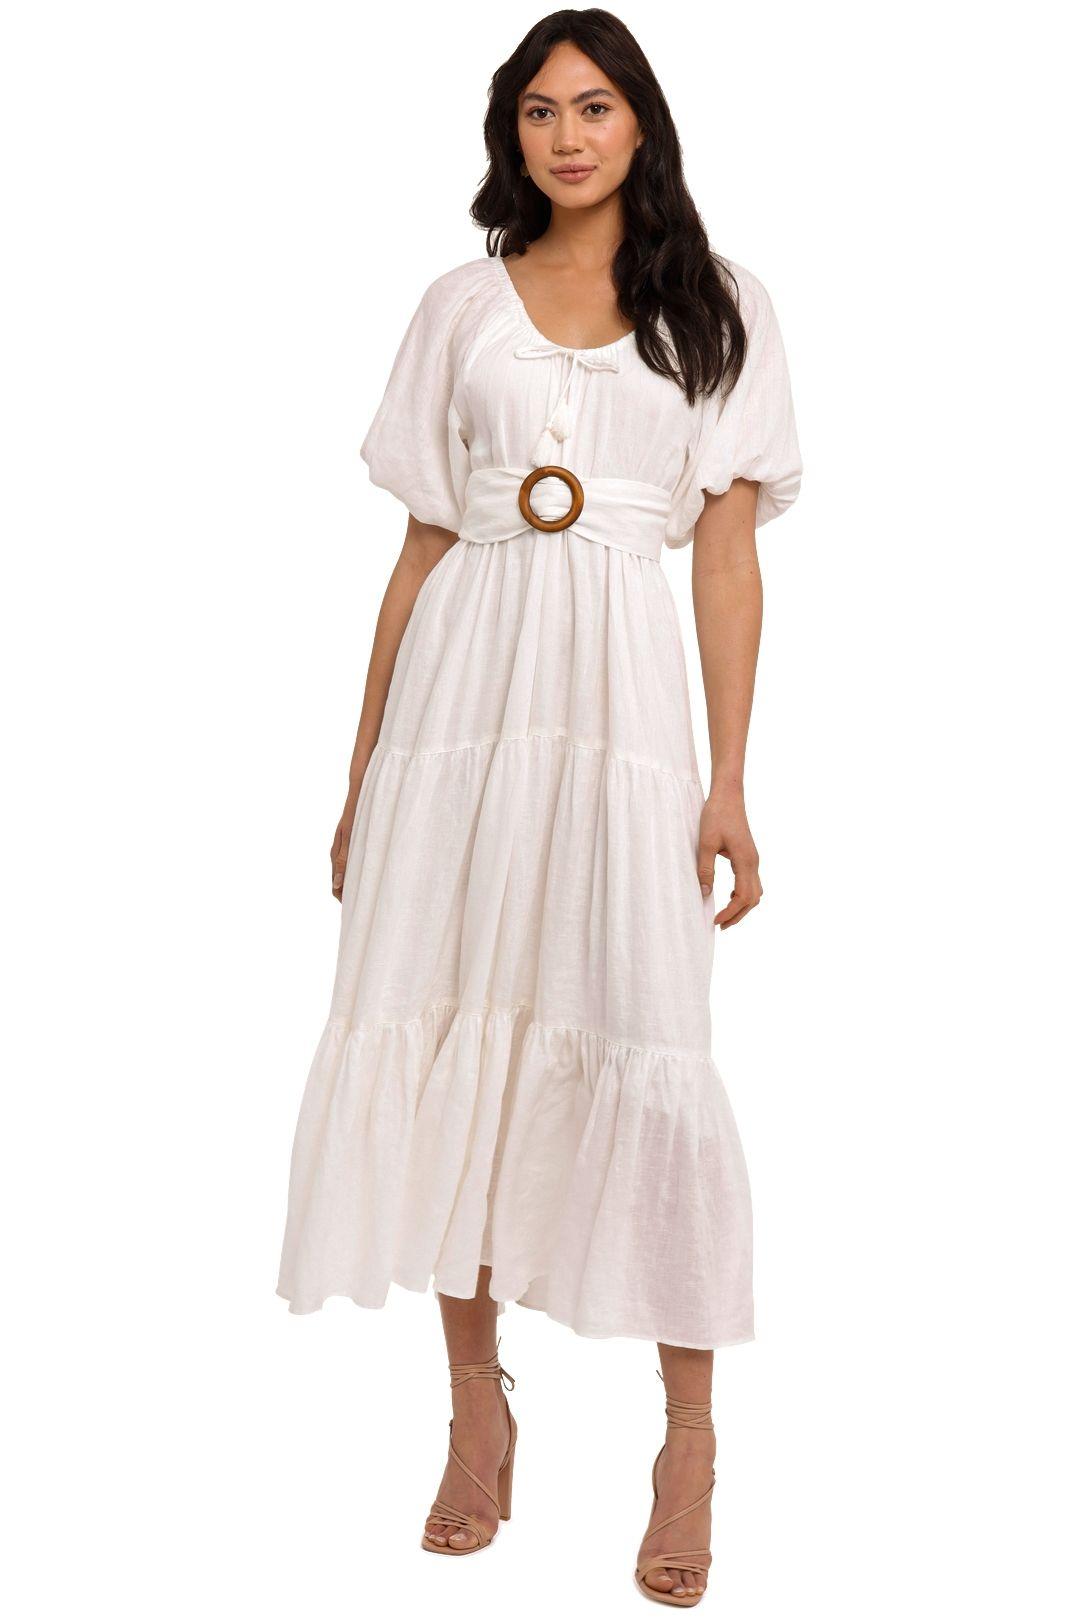 Spell Gardenia Gown White Maxi